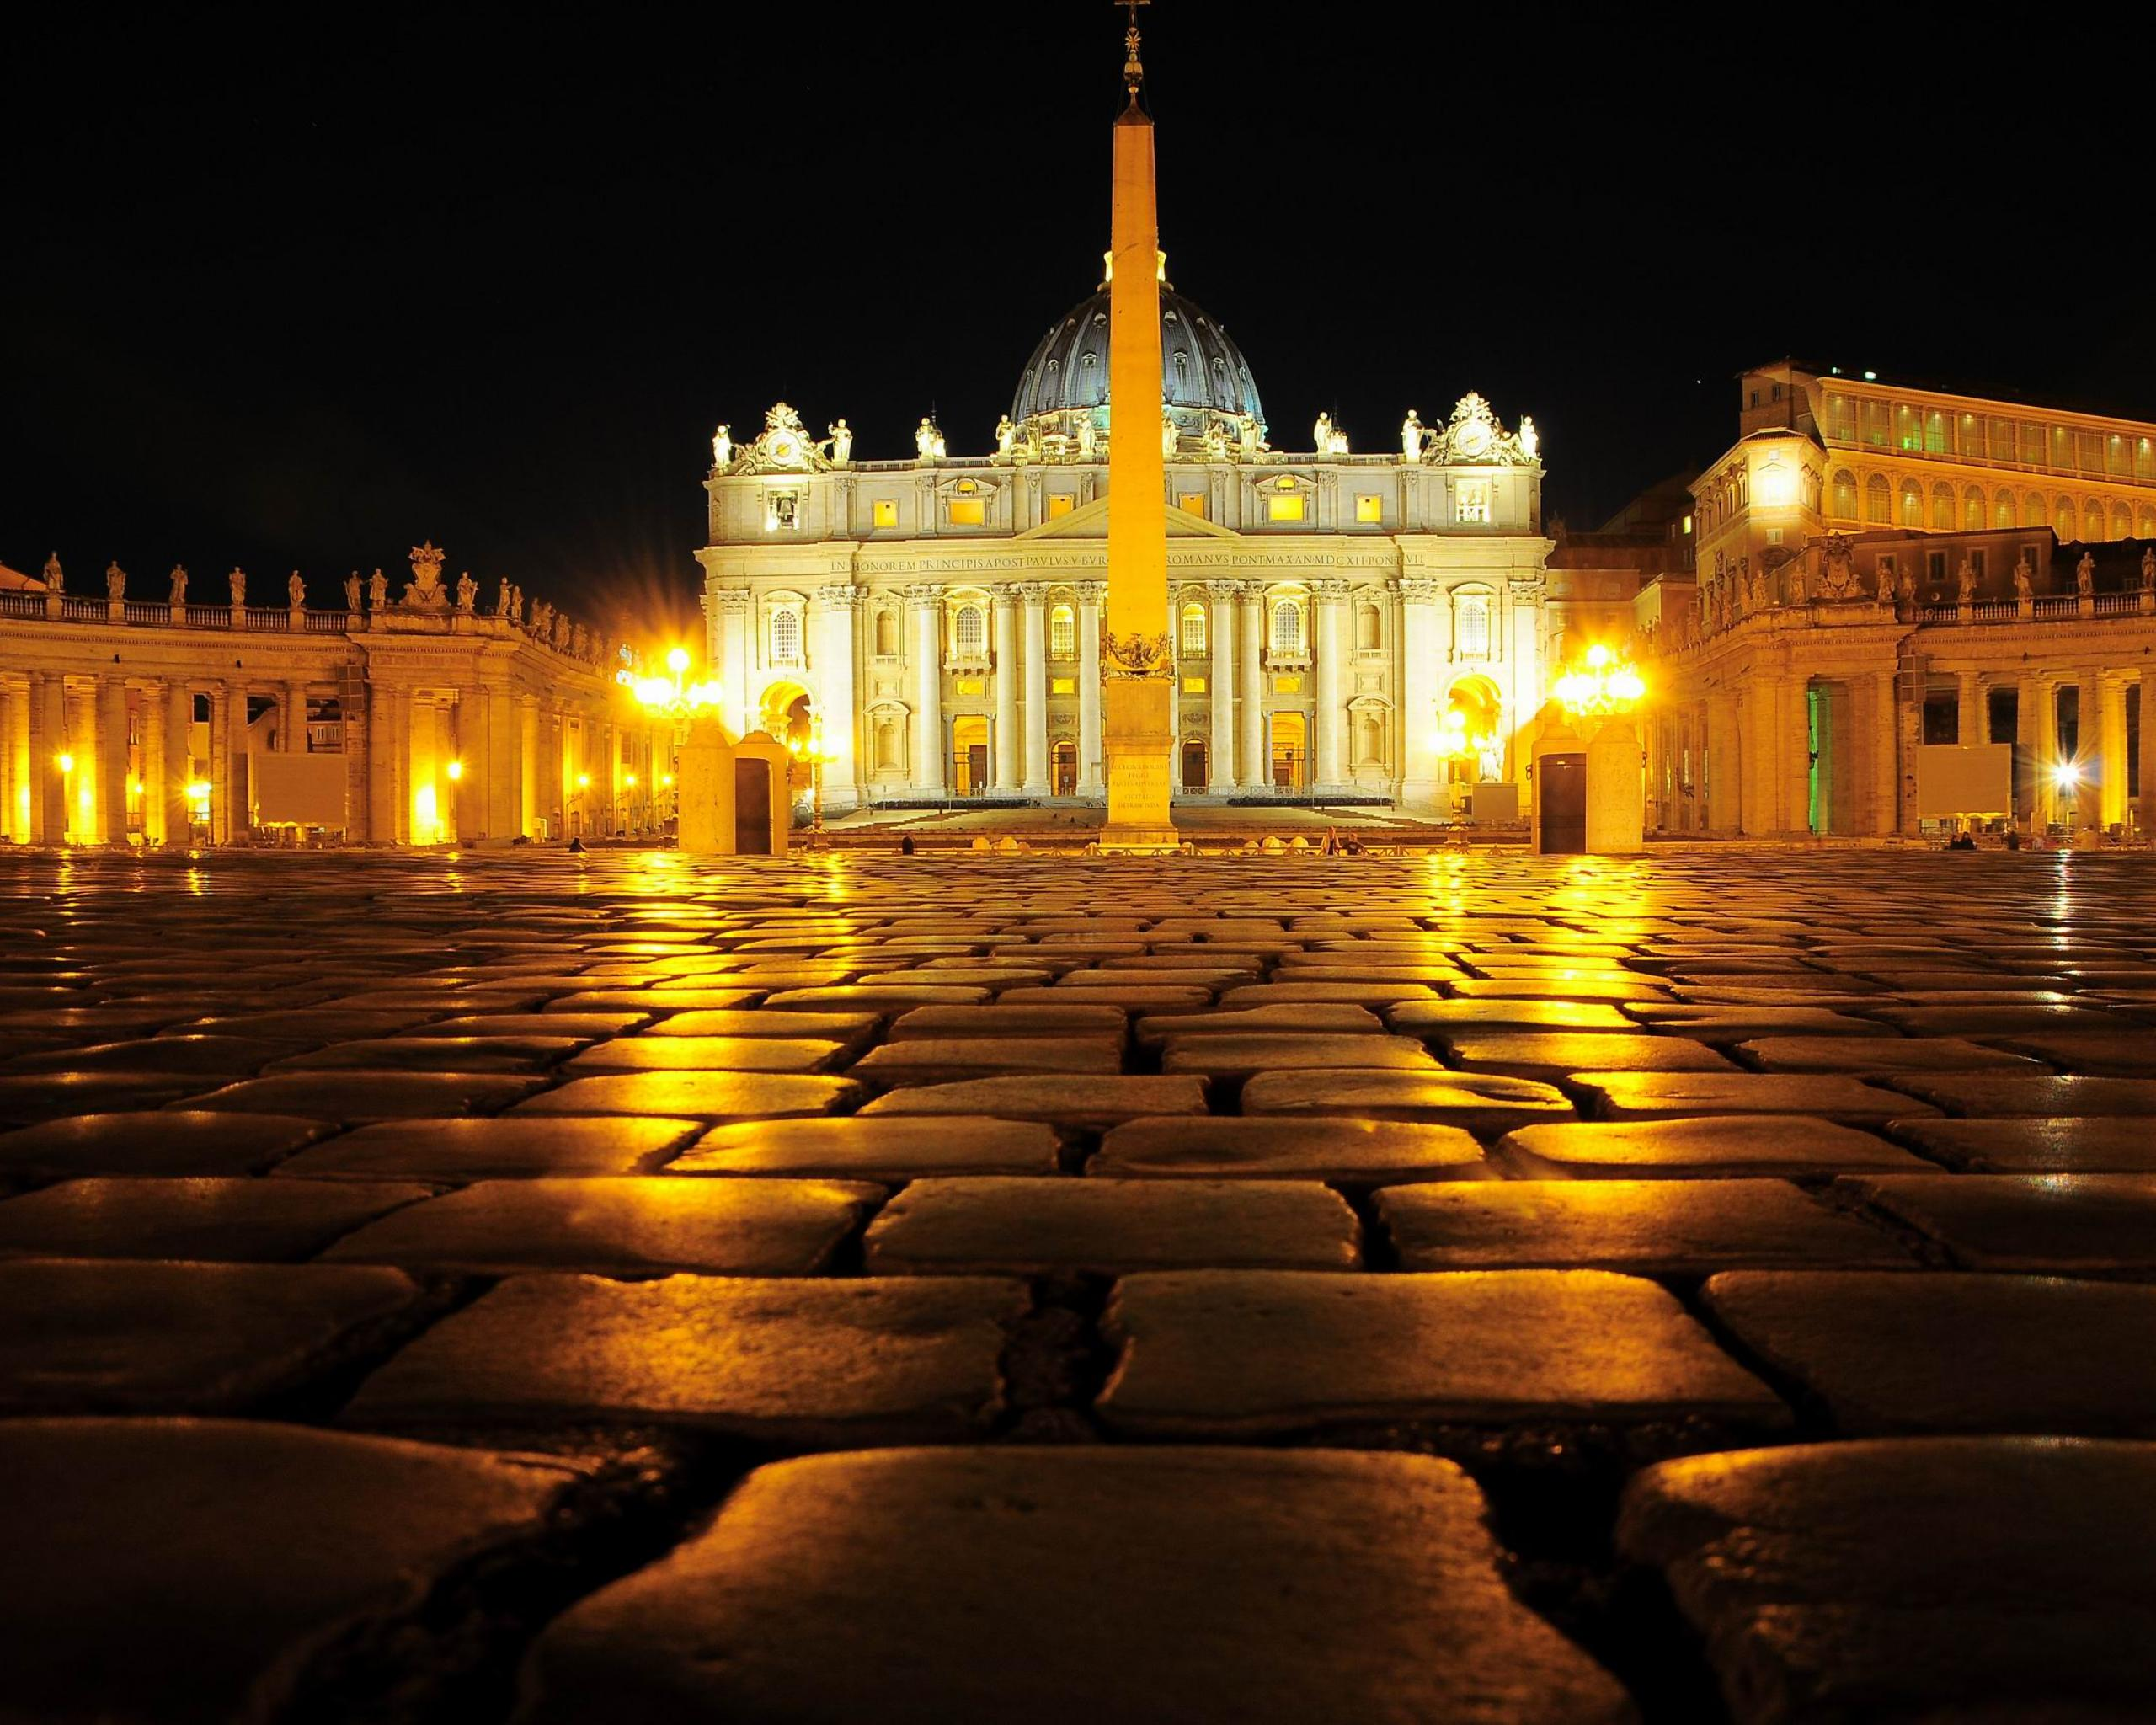 1-ый вВатикане аудит финансов начнут немедленно